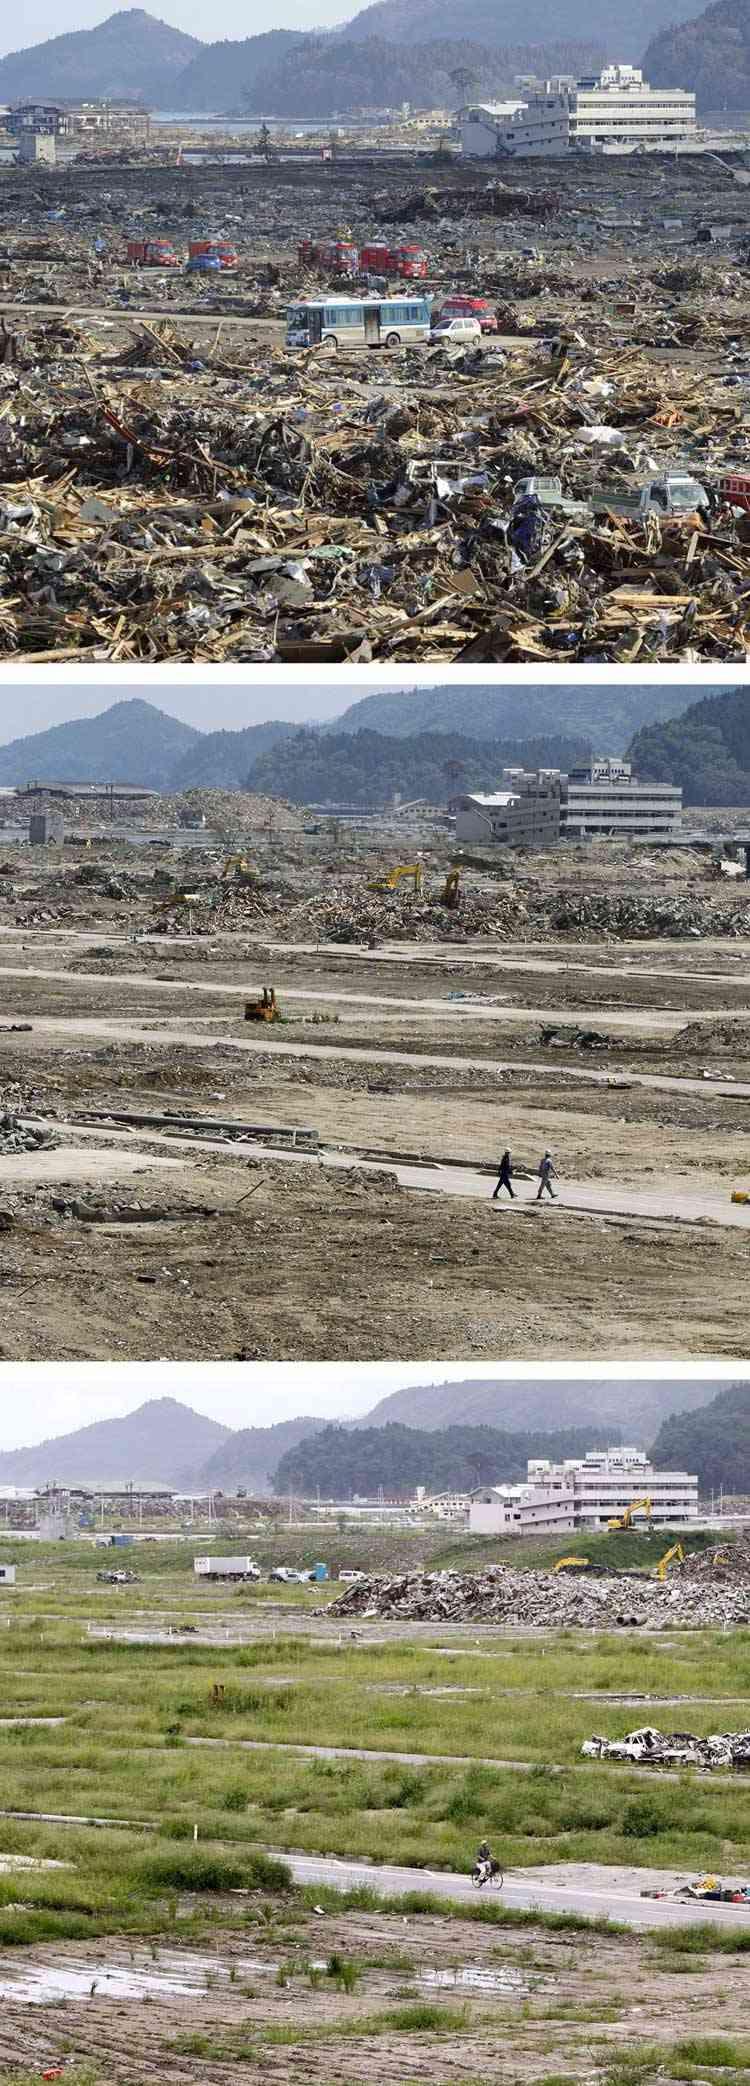 efectos del tsunami en Rikuzentakata, Japón